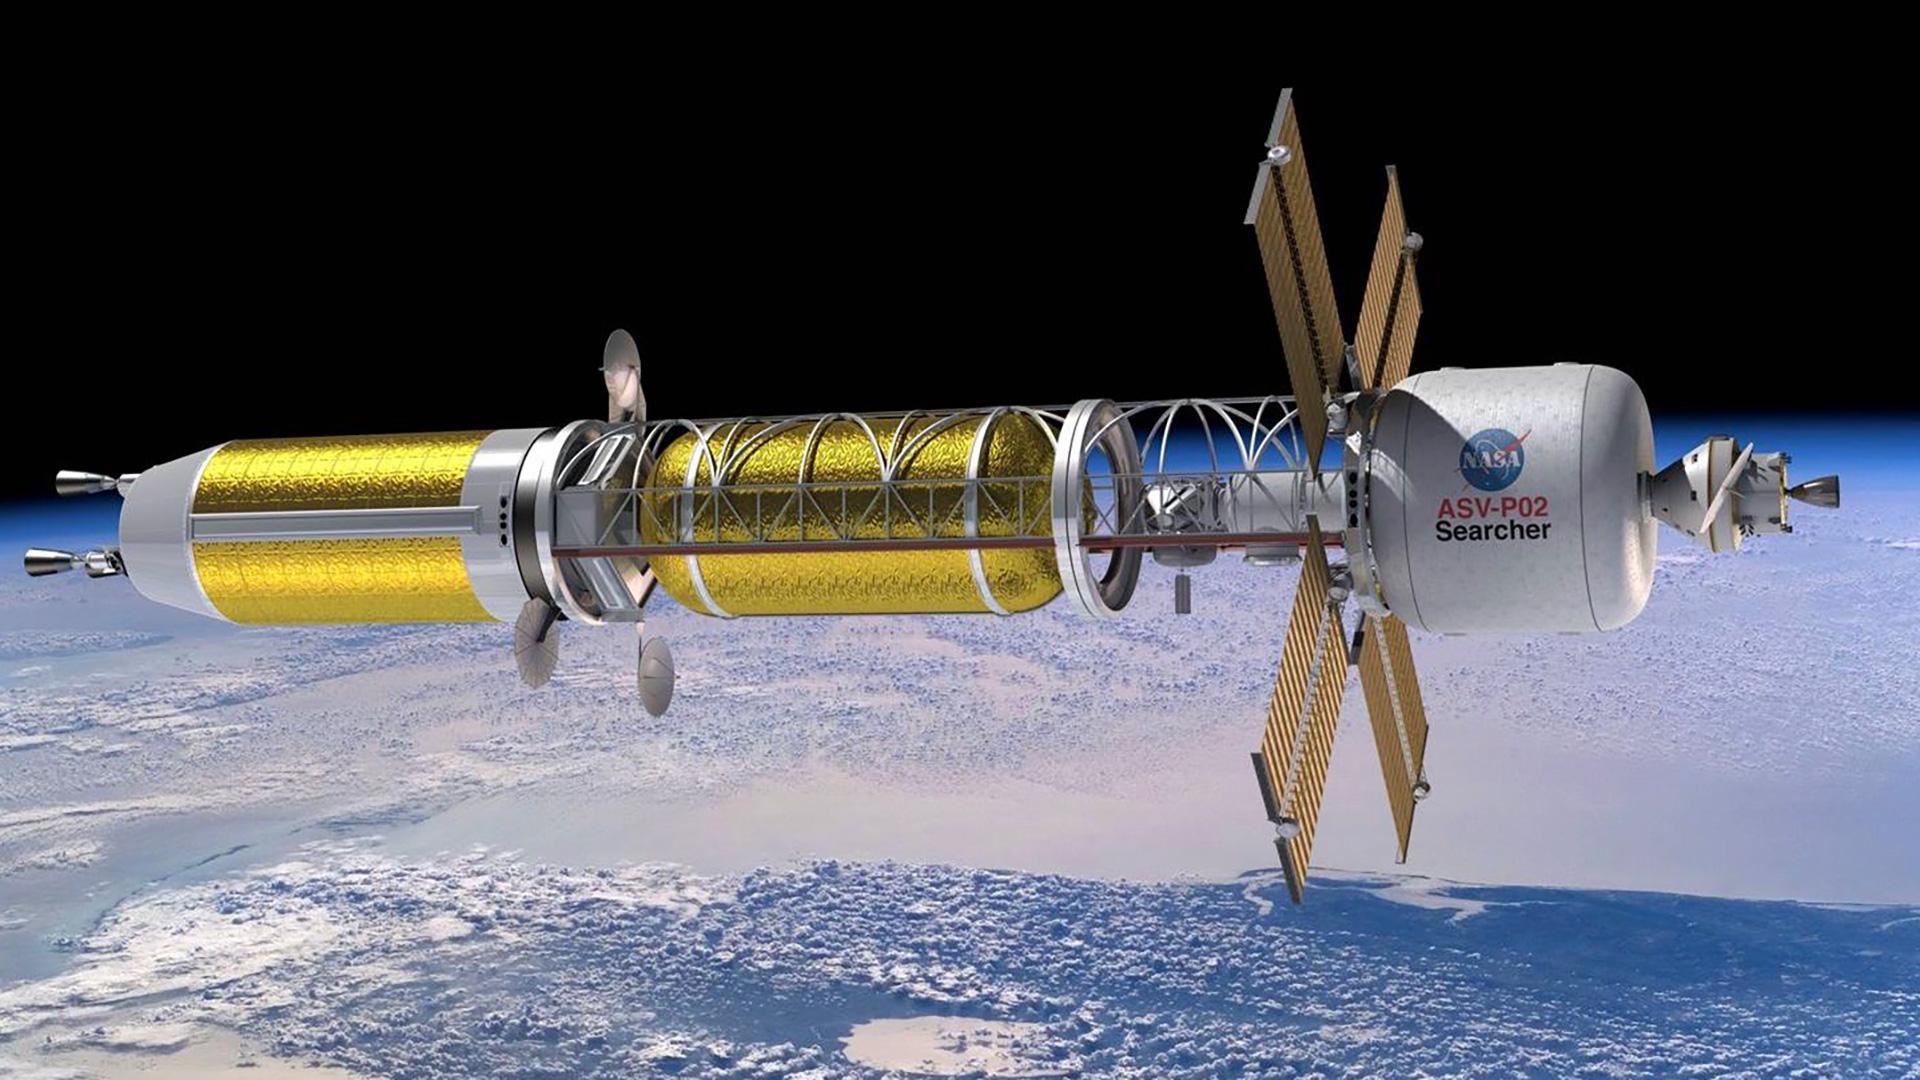 Savunma Bakanlığı, küçük uzay araçları için nükleer tahrik arıyor | Engadget